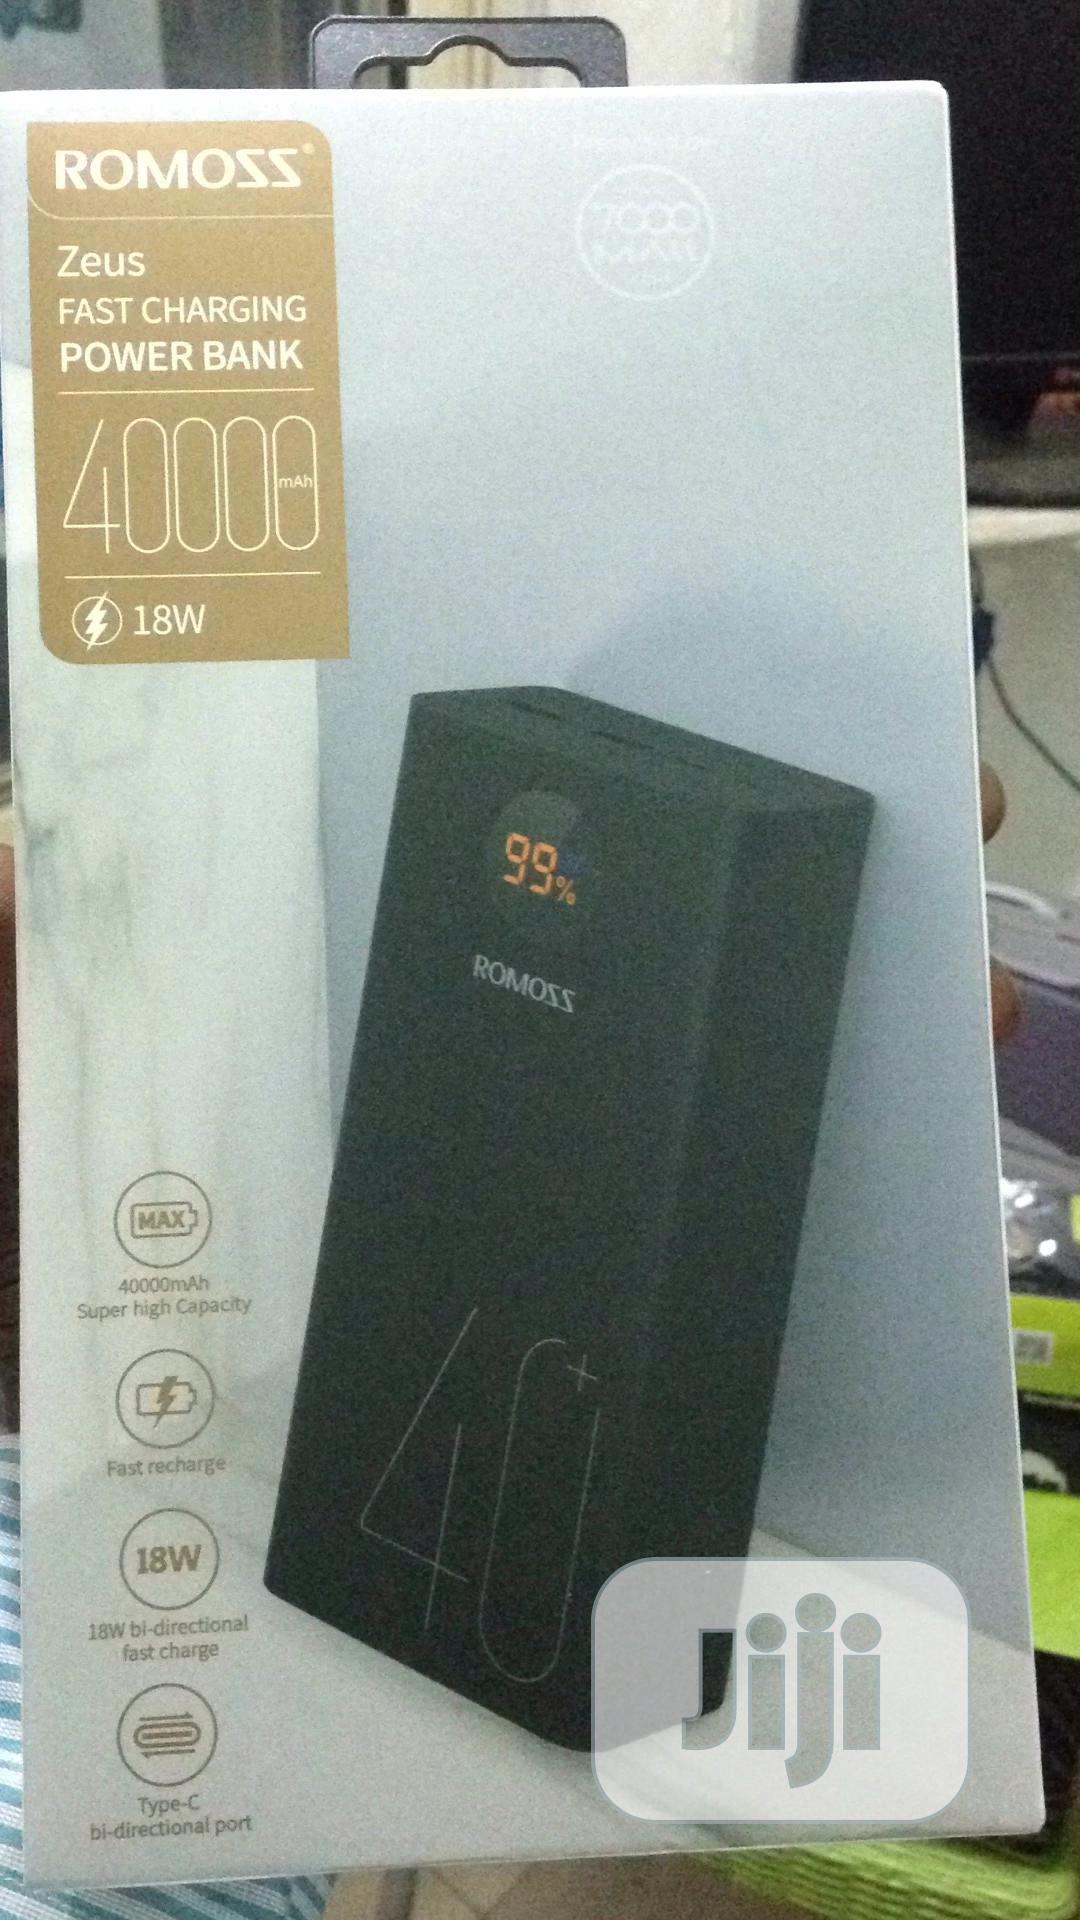 40000mah Romoss Power Bank